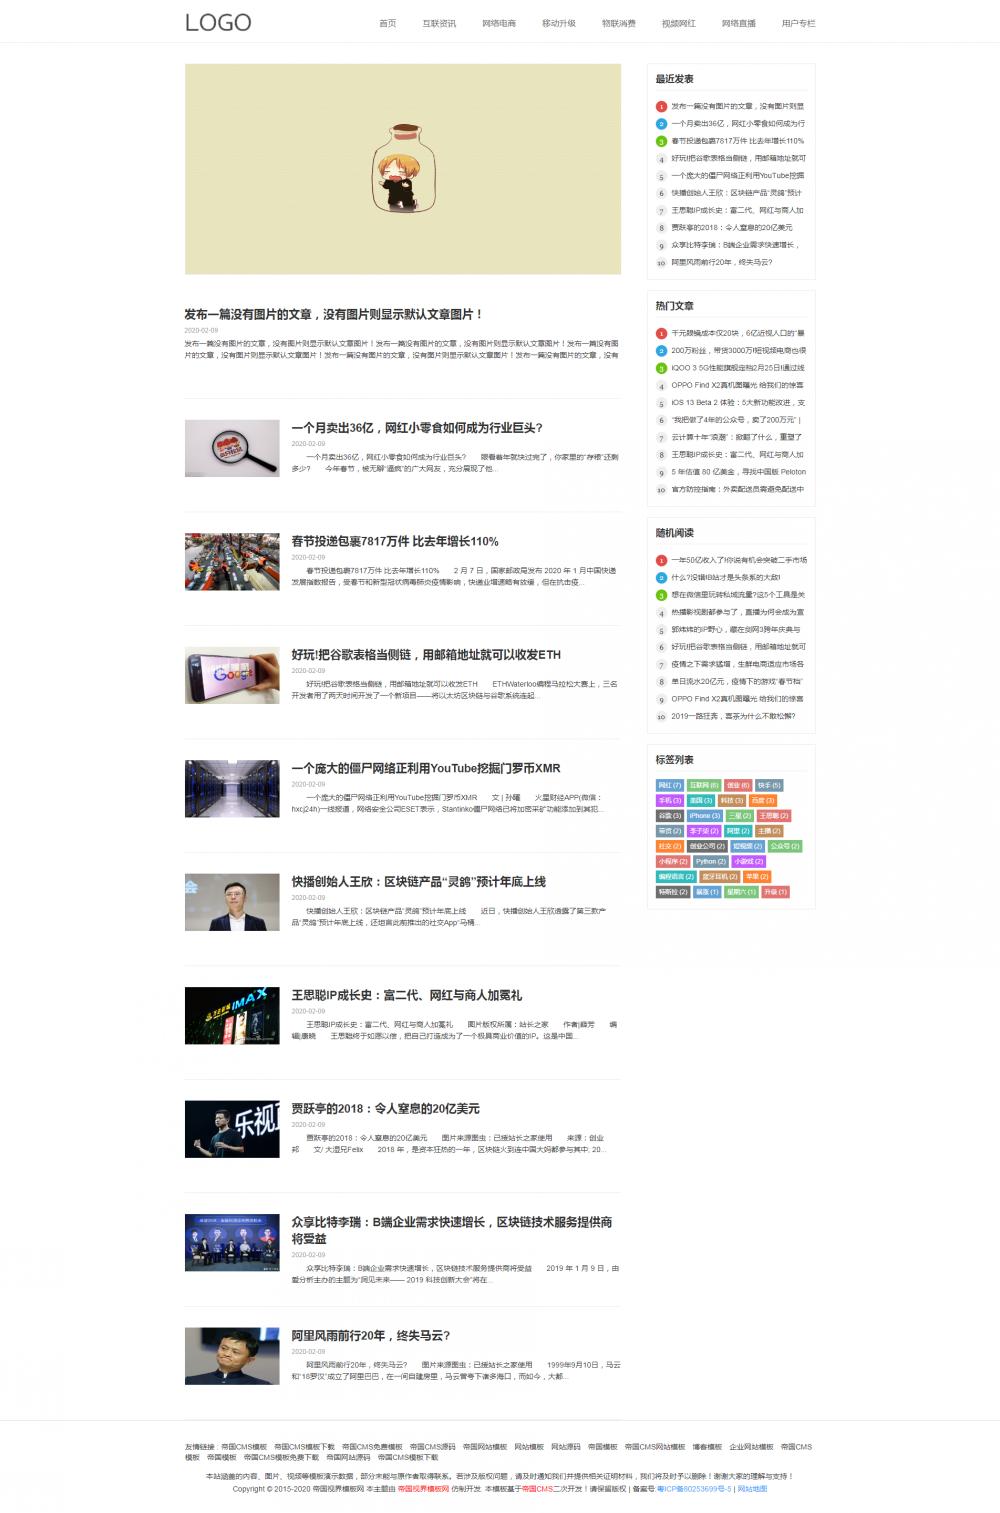 [DG-103]帝国CMS响应式博客模板,自适应新闻资讯文章博客网站模板 [DG-103]帝国CMS响应式博客模板,自适应新闻资讯文章博客网站模板 博客文章 第1张